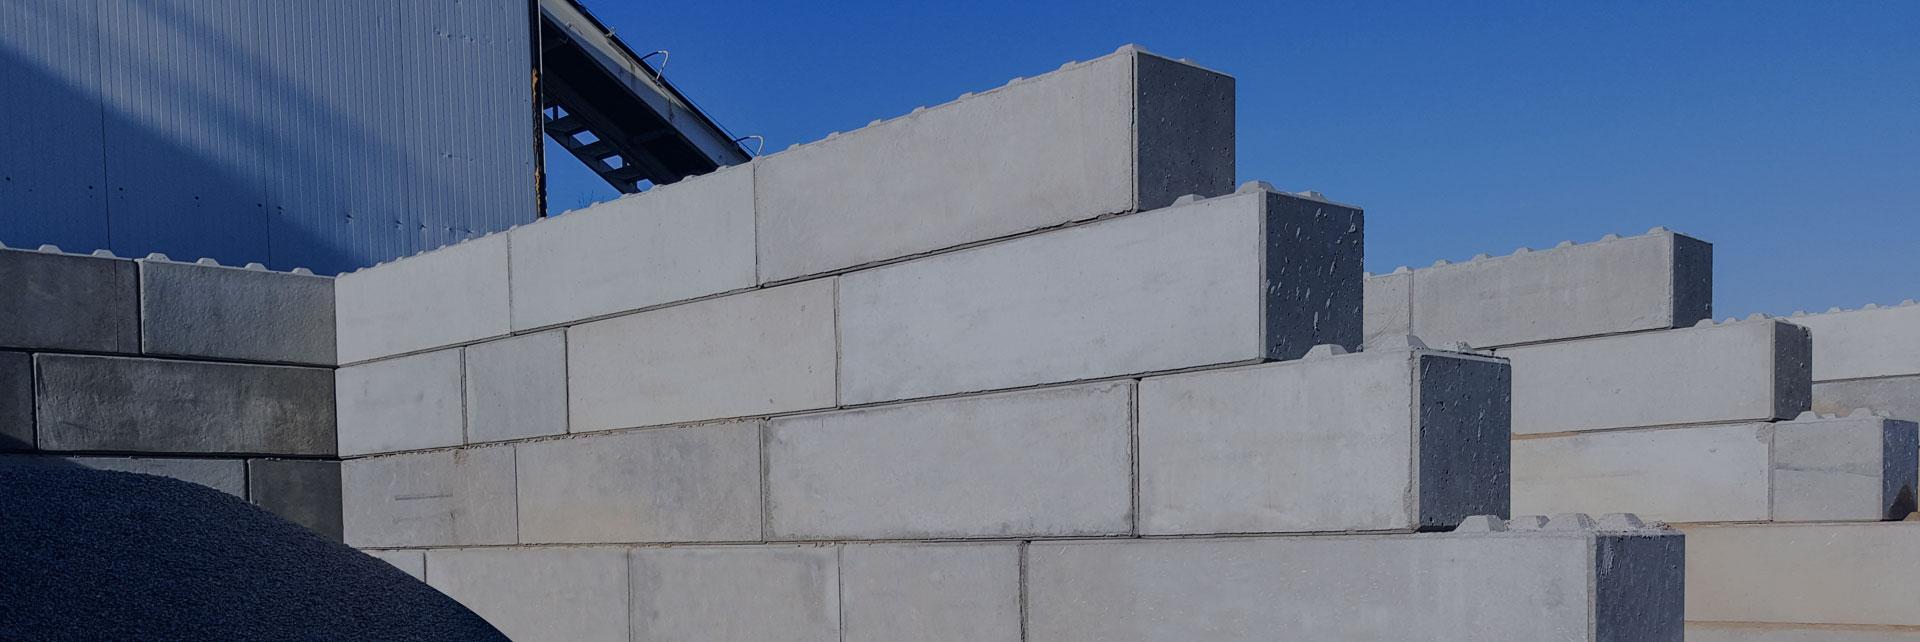 """""""Lego"""" w wersji betonowej – 5 zalet beton bloków dla każdej inwestycji"""